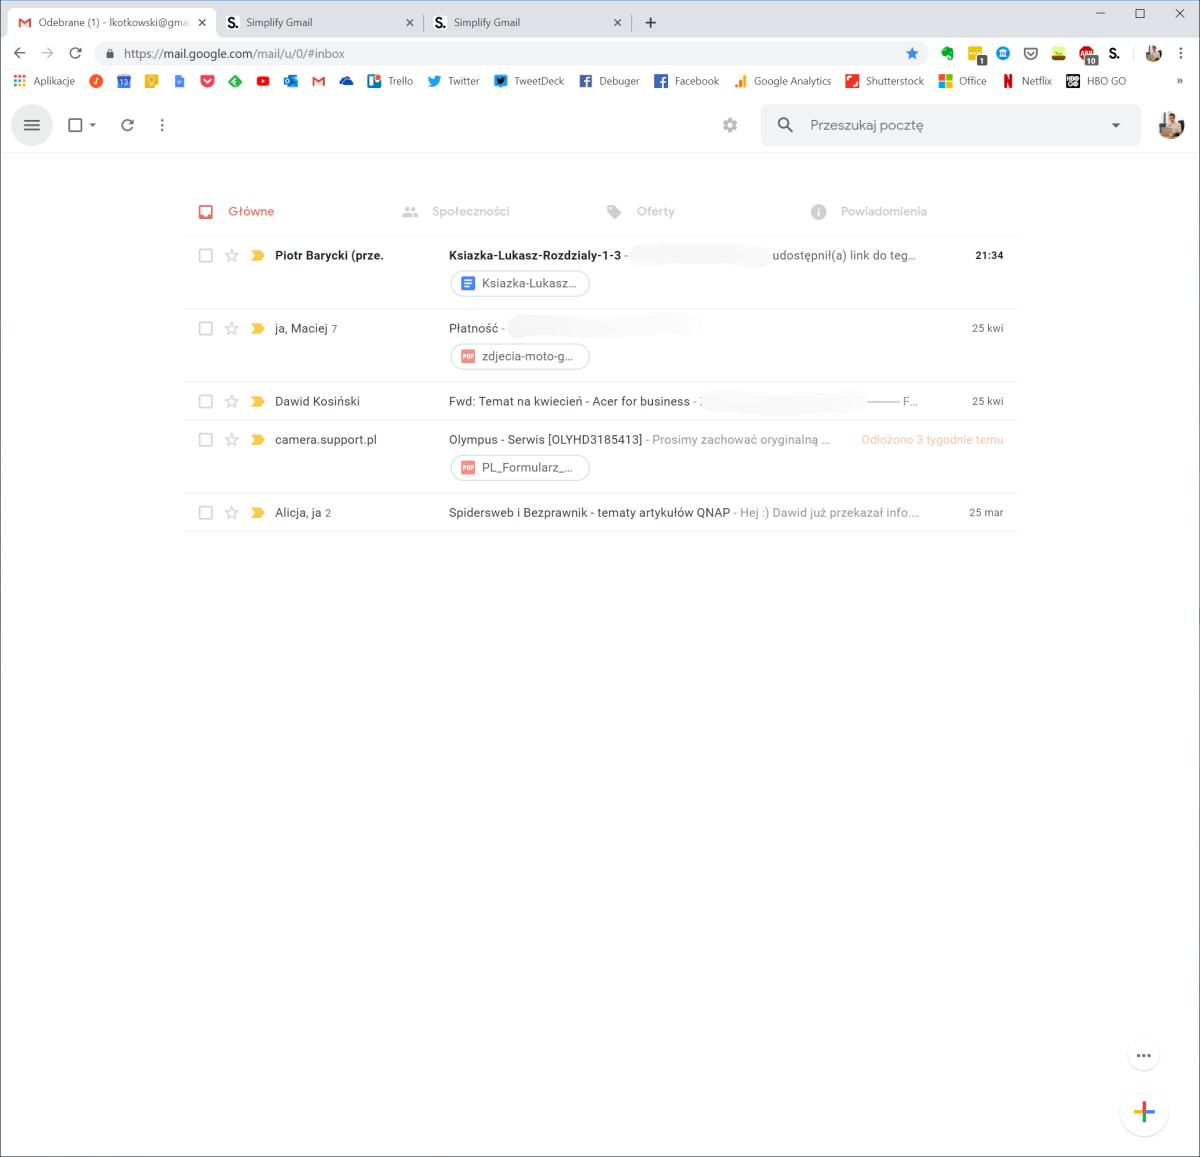 Tak wygląda Gmail z Simplify. Jest pięknie